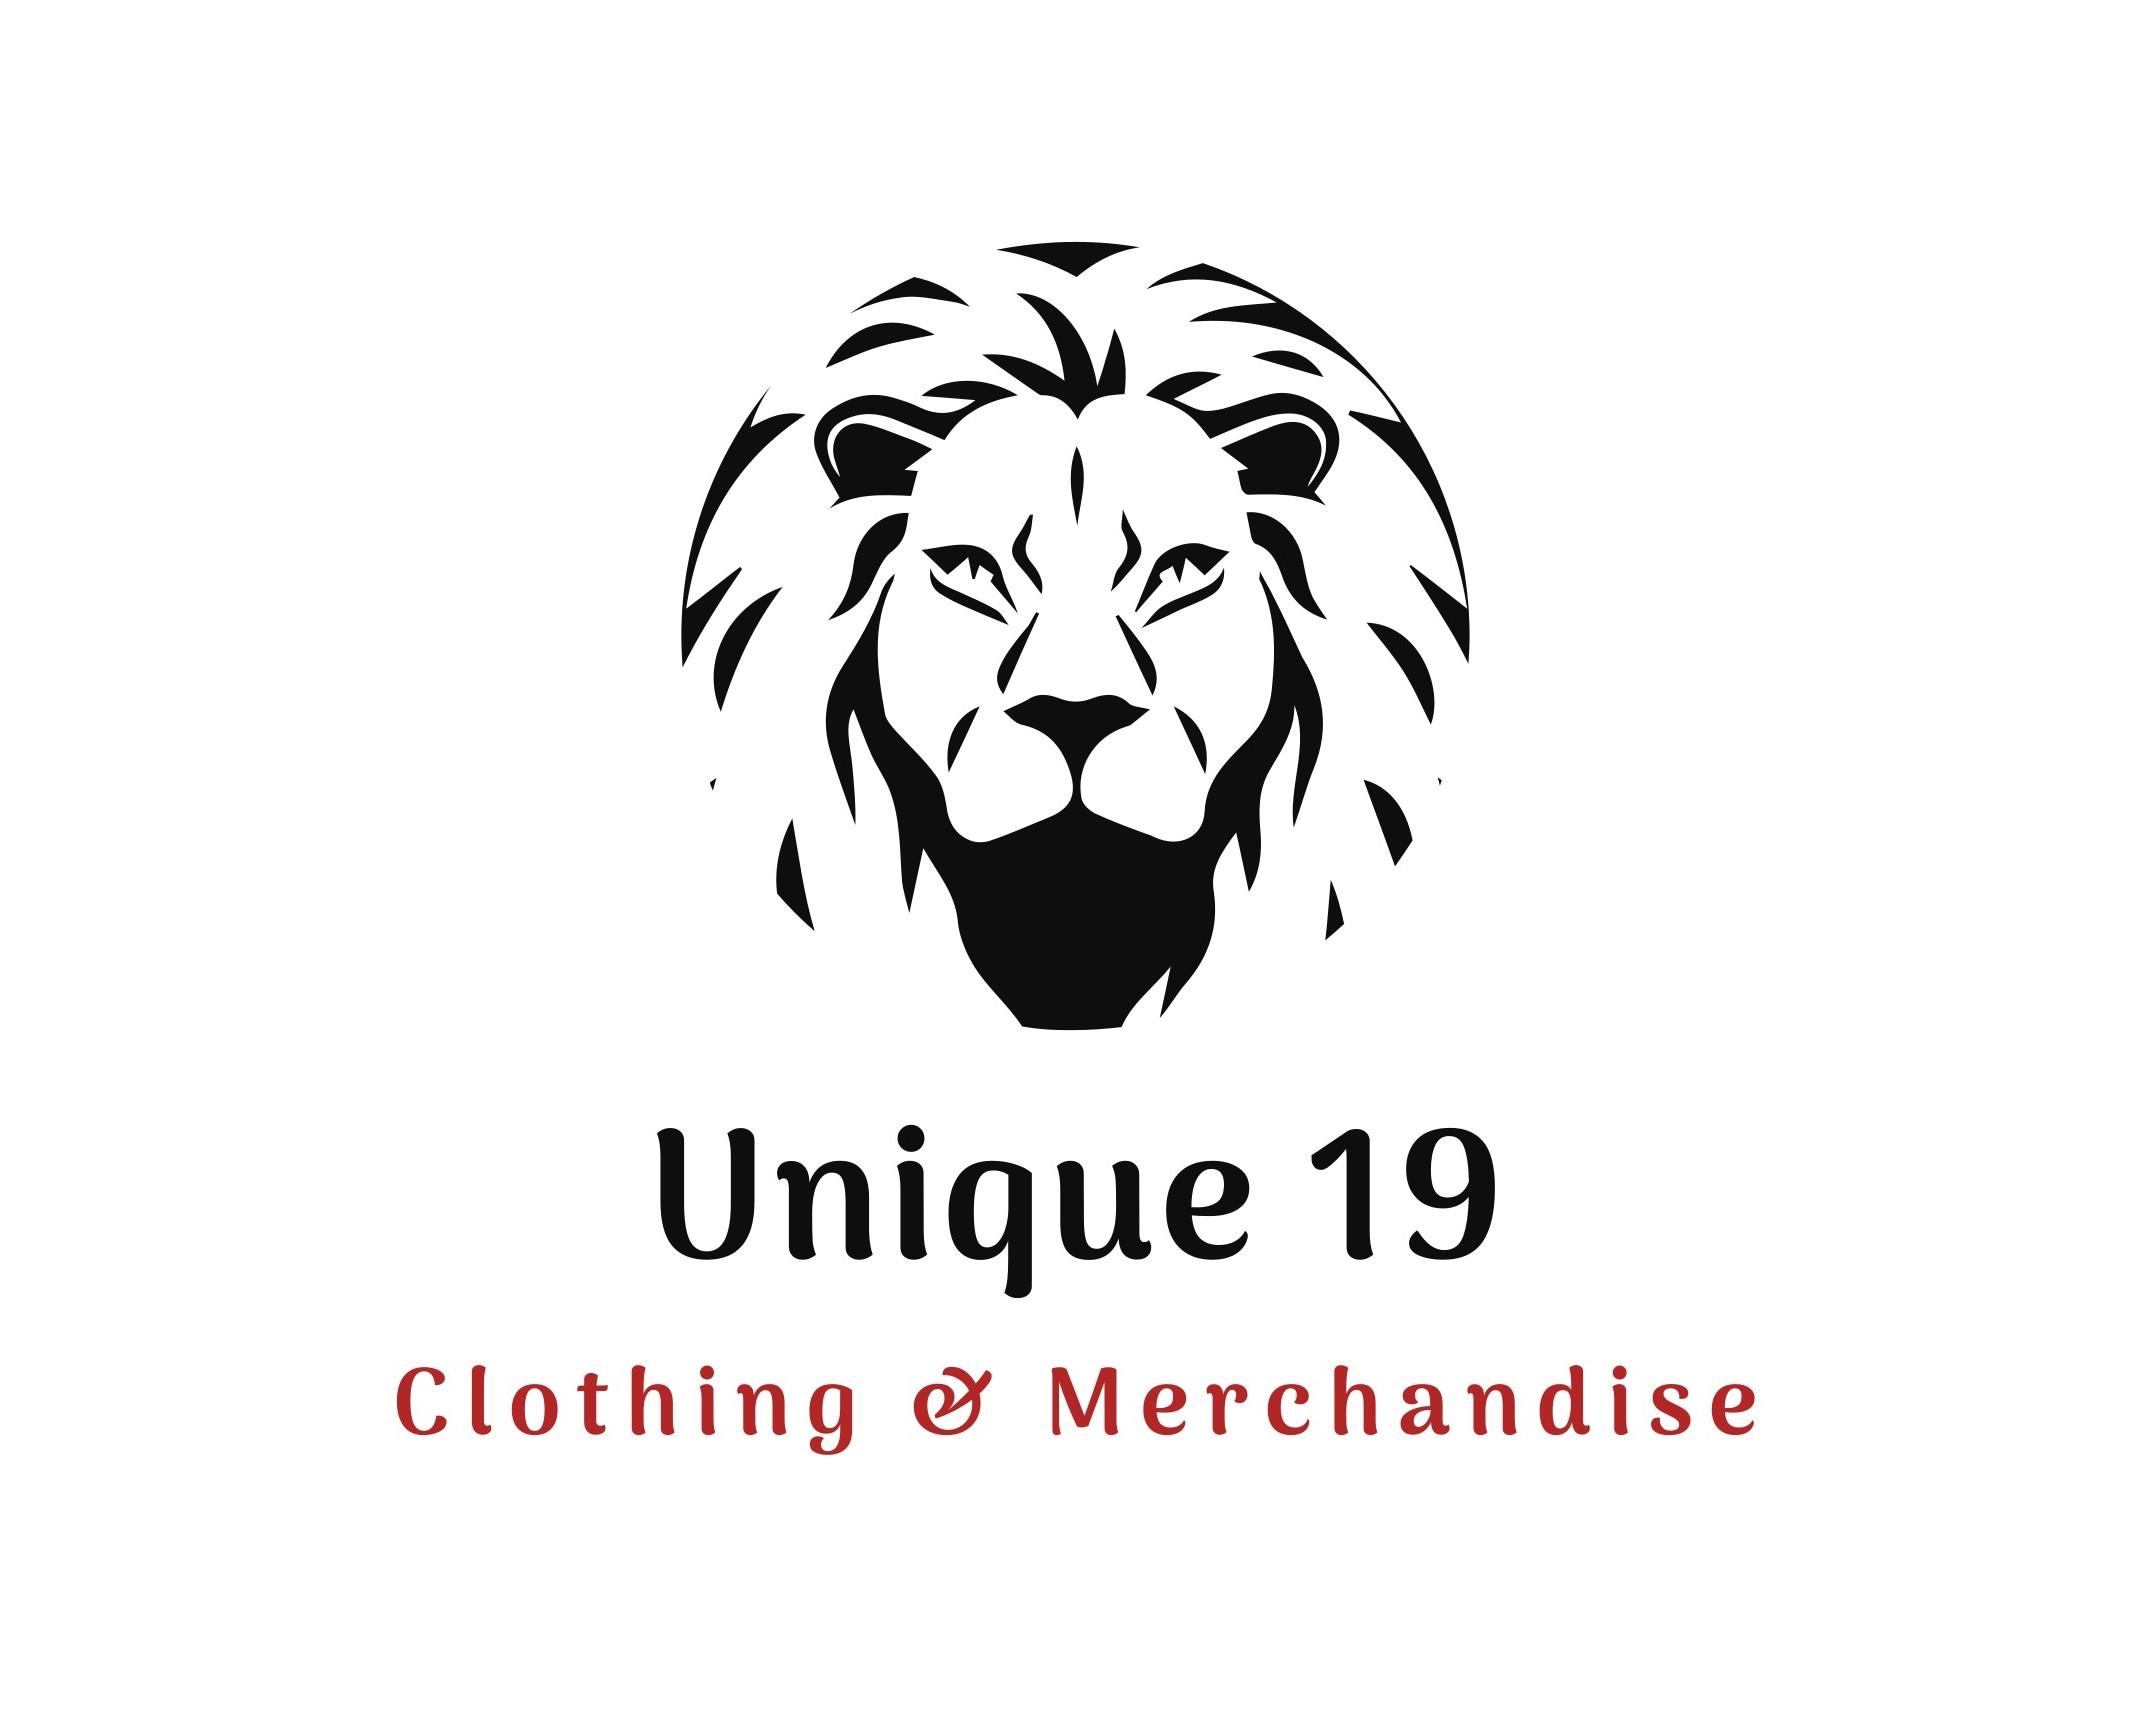 Unique 19 Clothing & Merchandise